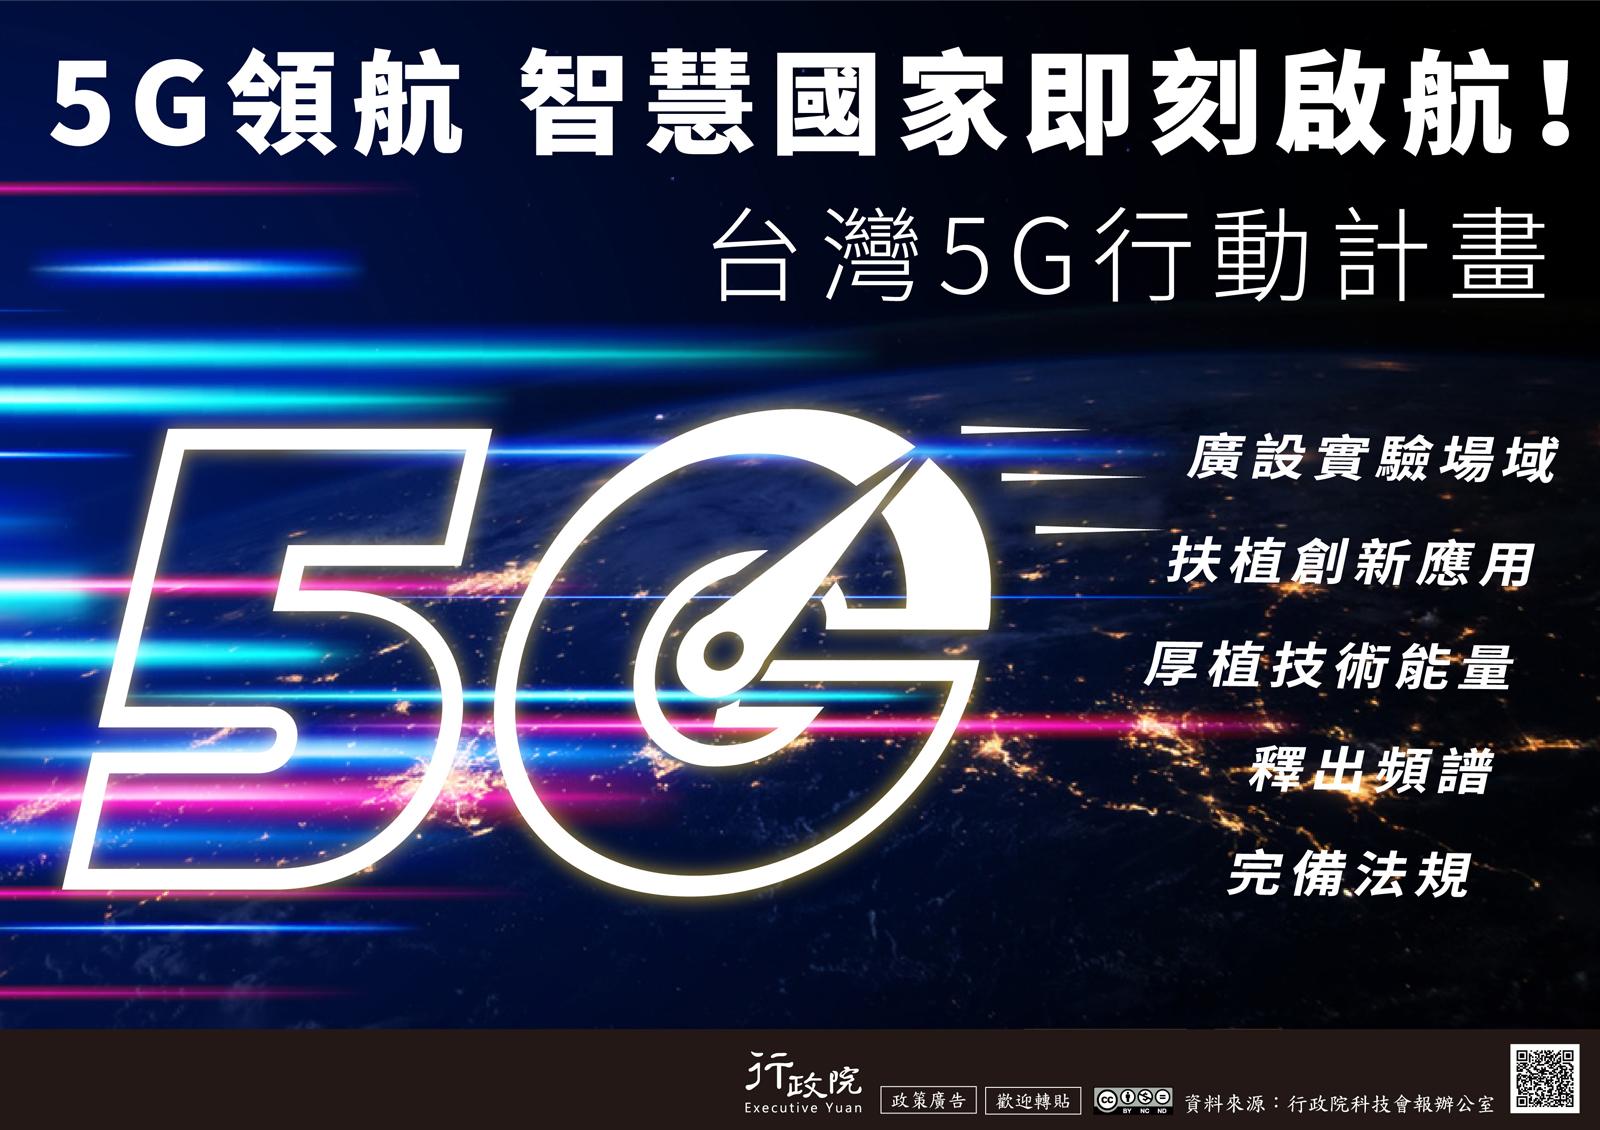 台灣 5G 行動計畫